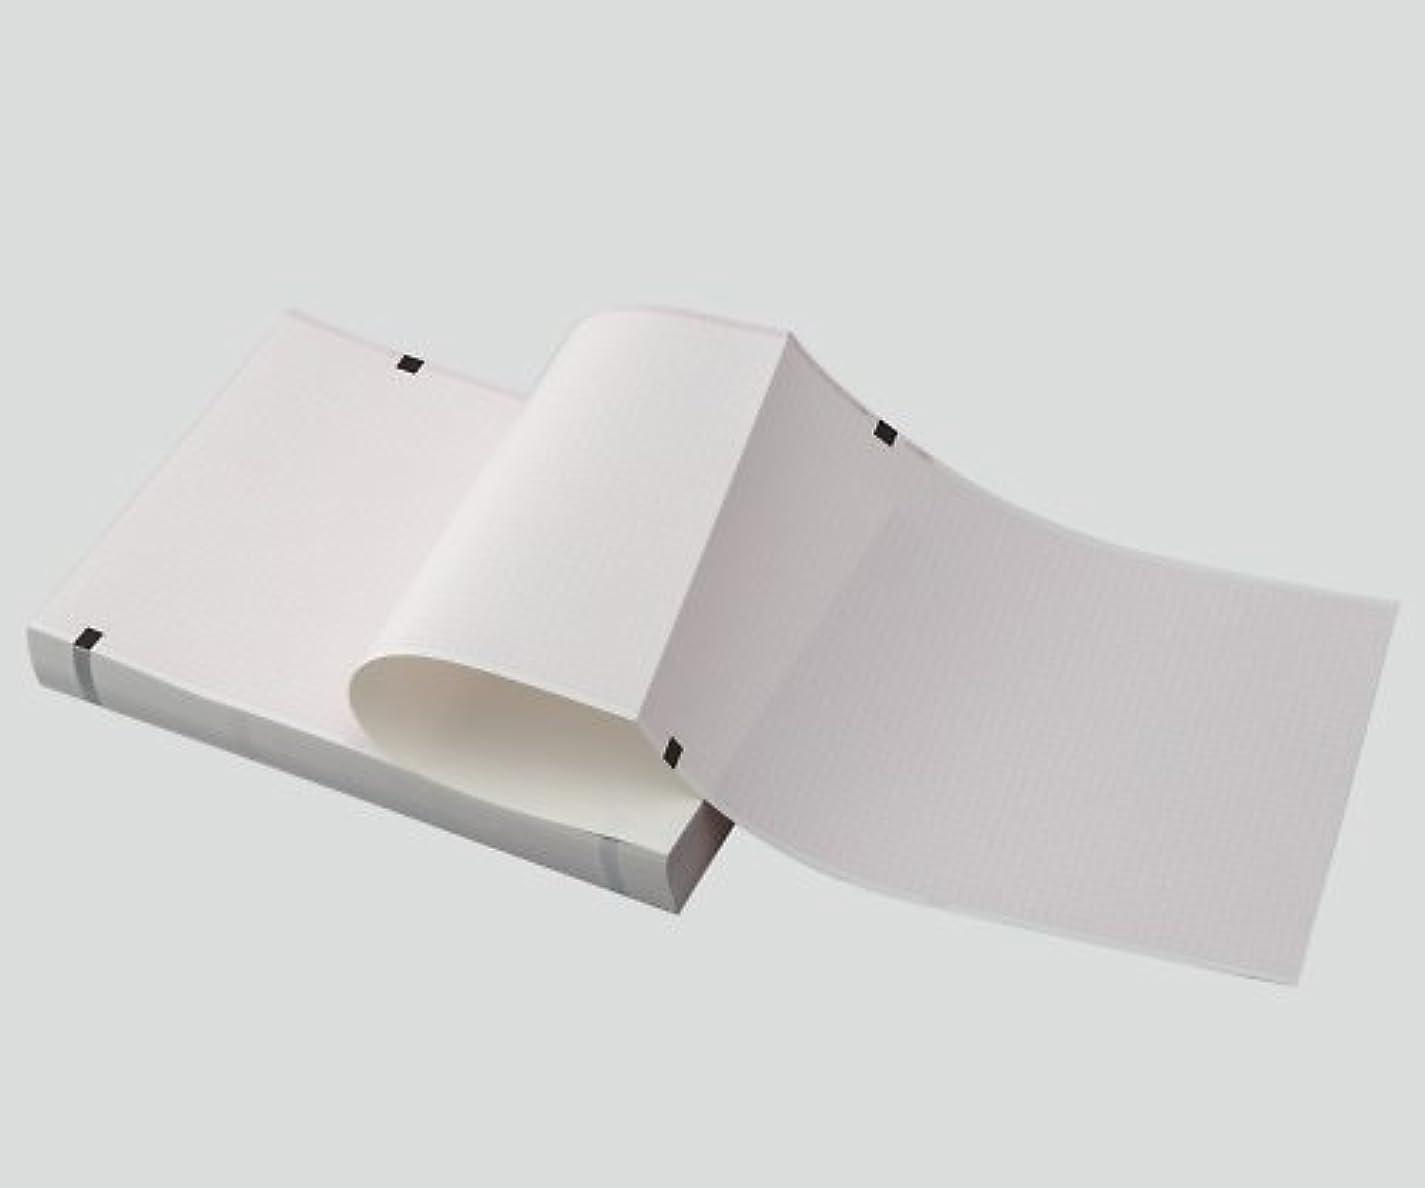 アフリカ人カウンターパート赤外線心電図用記録紙 CP-621K